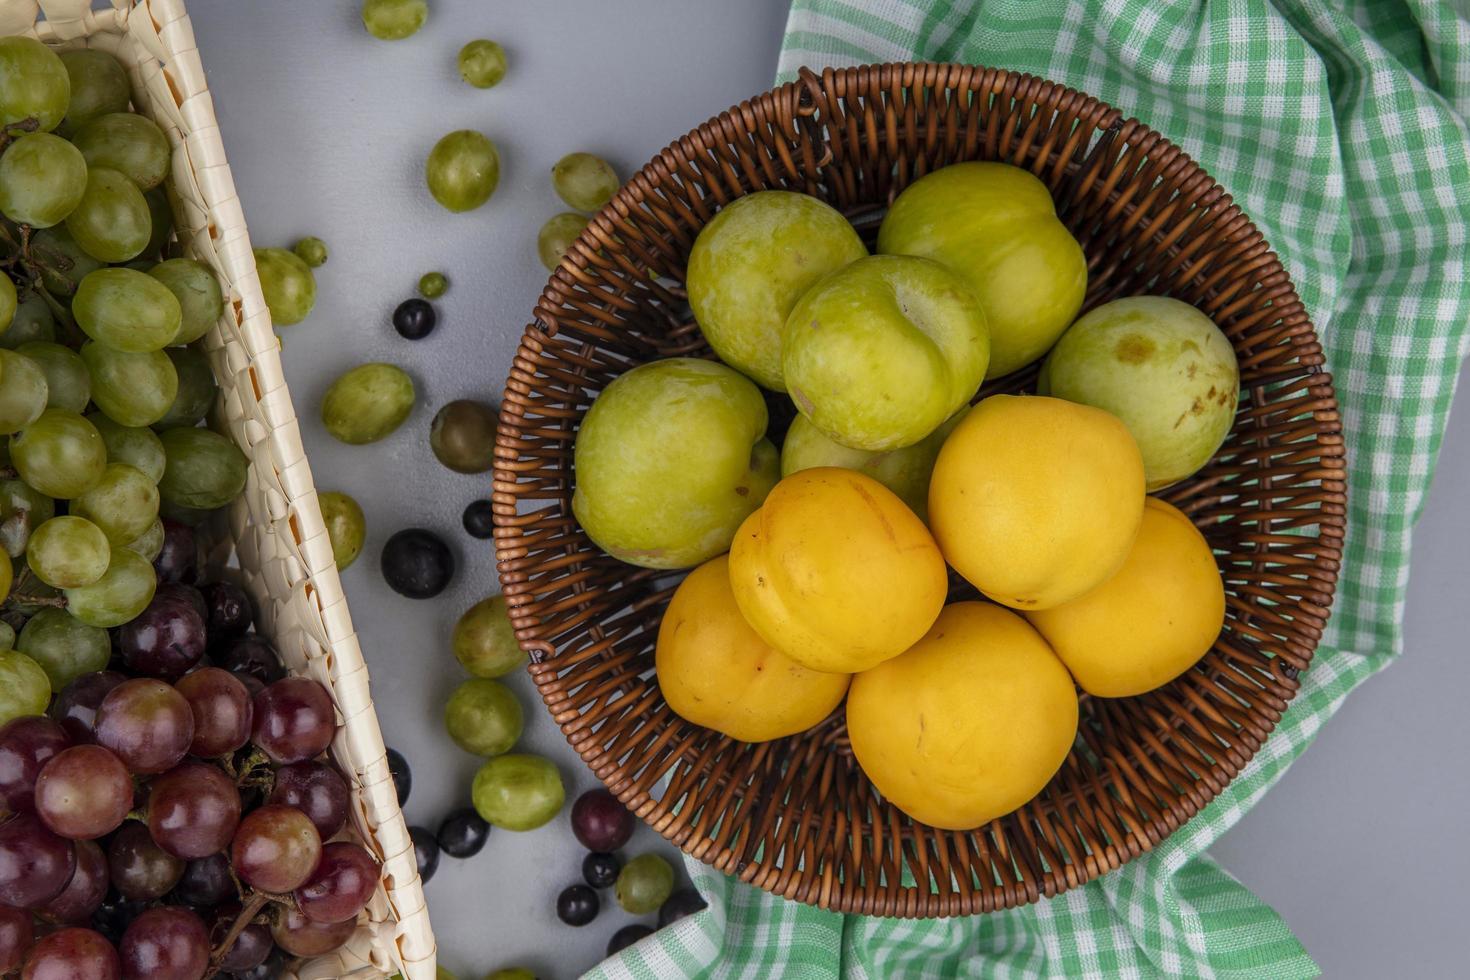 Vue de dessus des fruits dans un panier sur tissu à carreaux photo